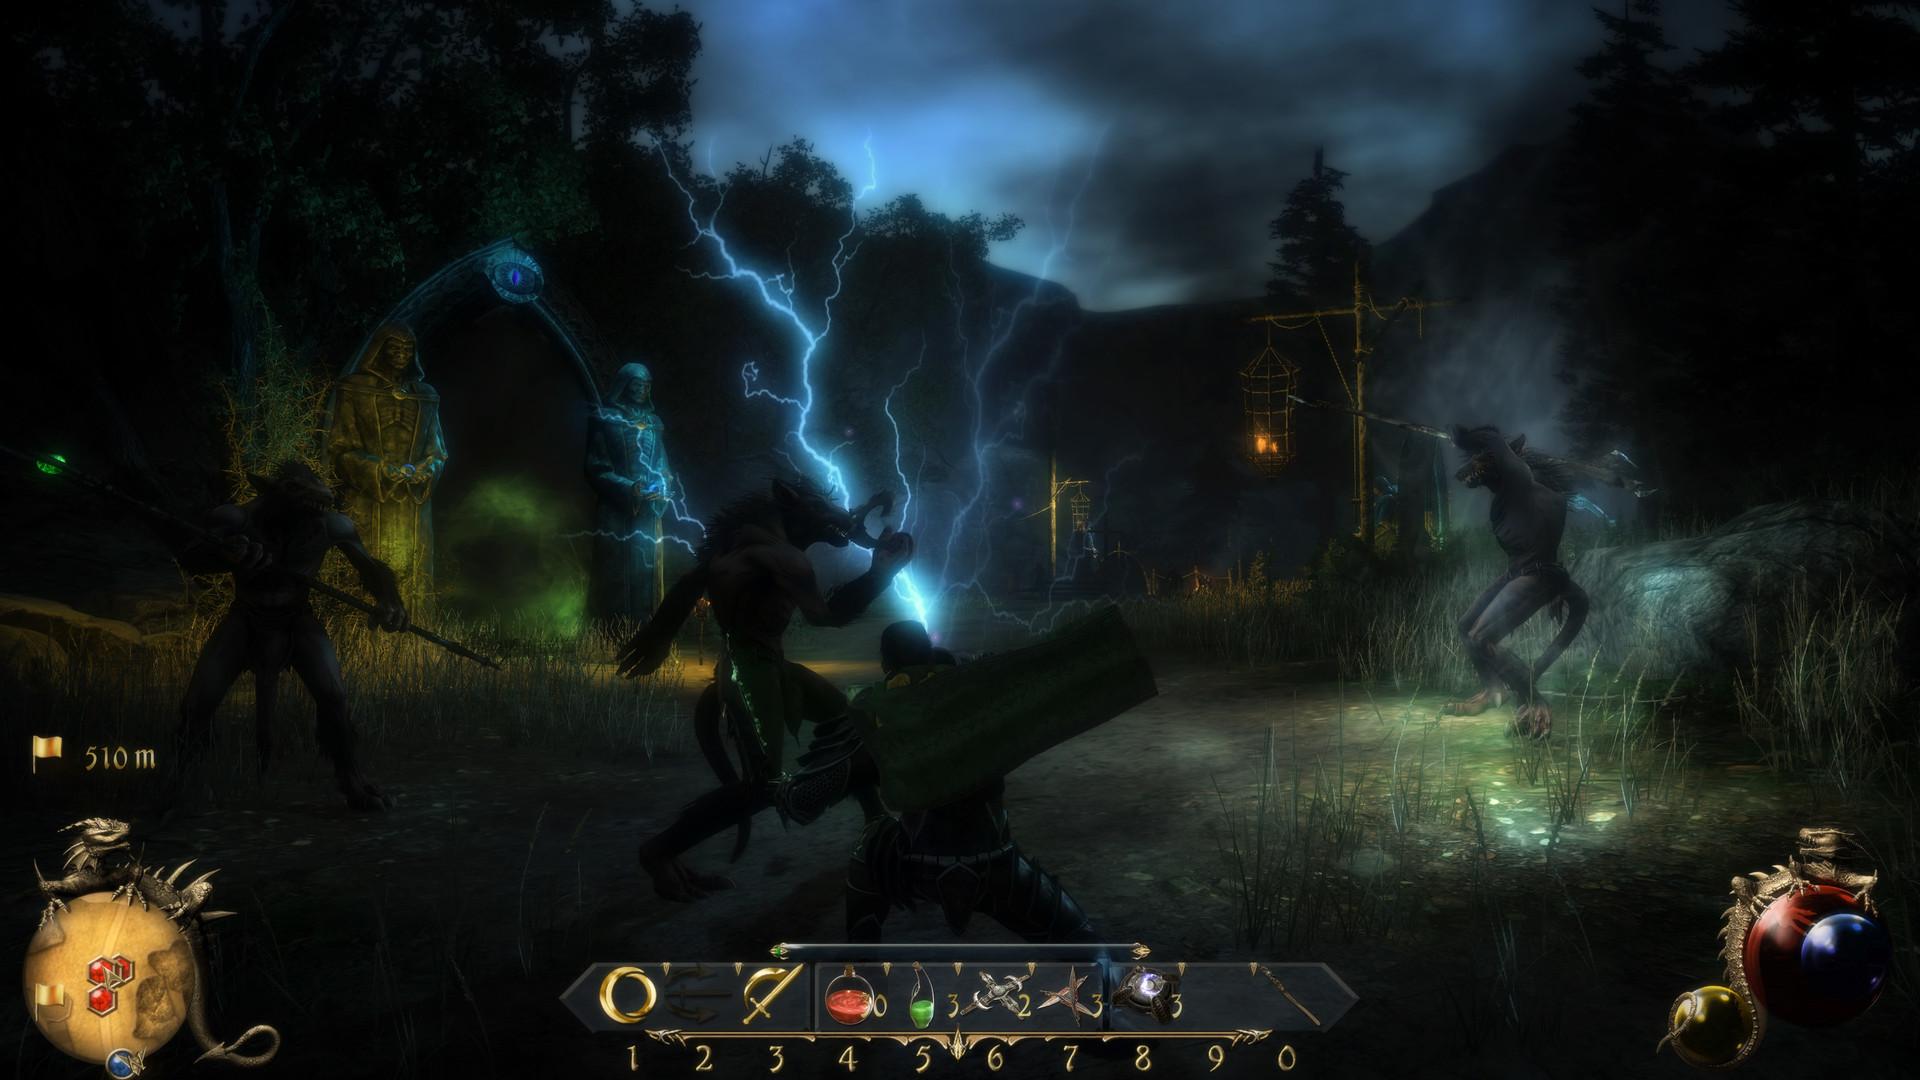 Two Worlds II - Call of the Tenebrae Screenshot 1